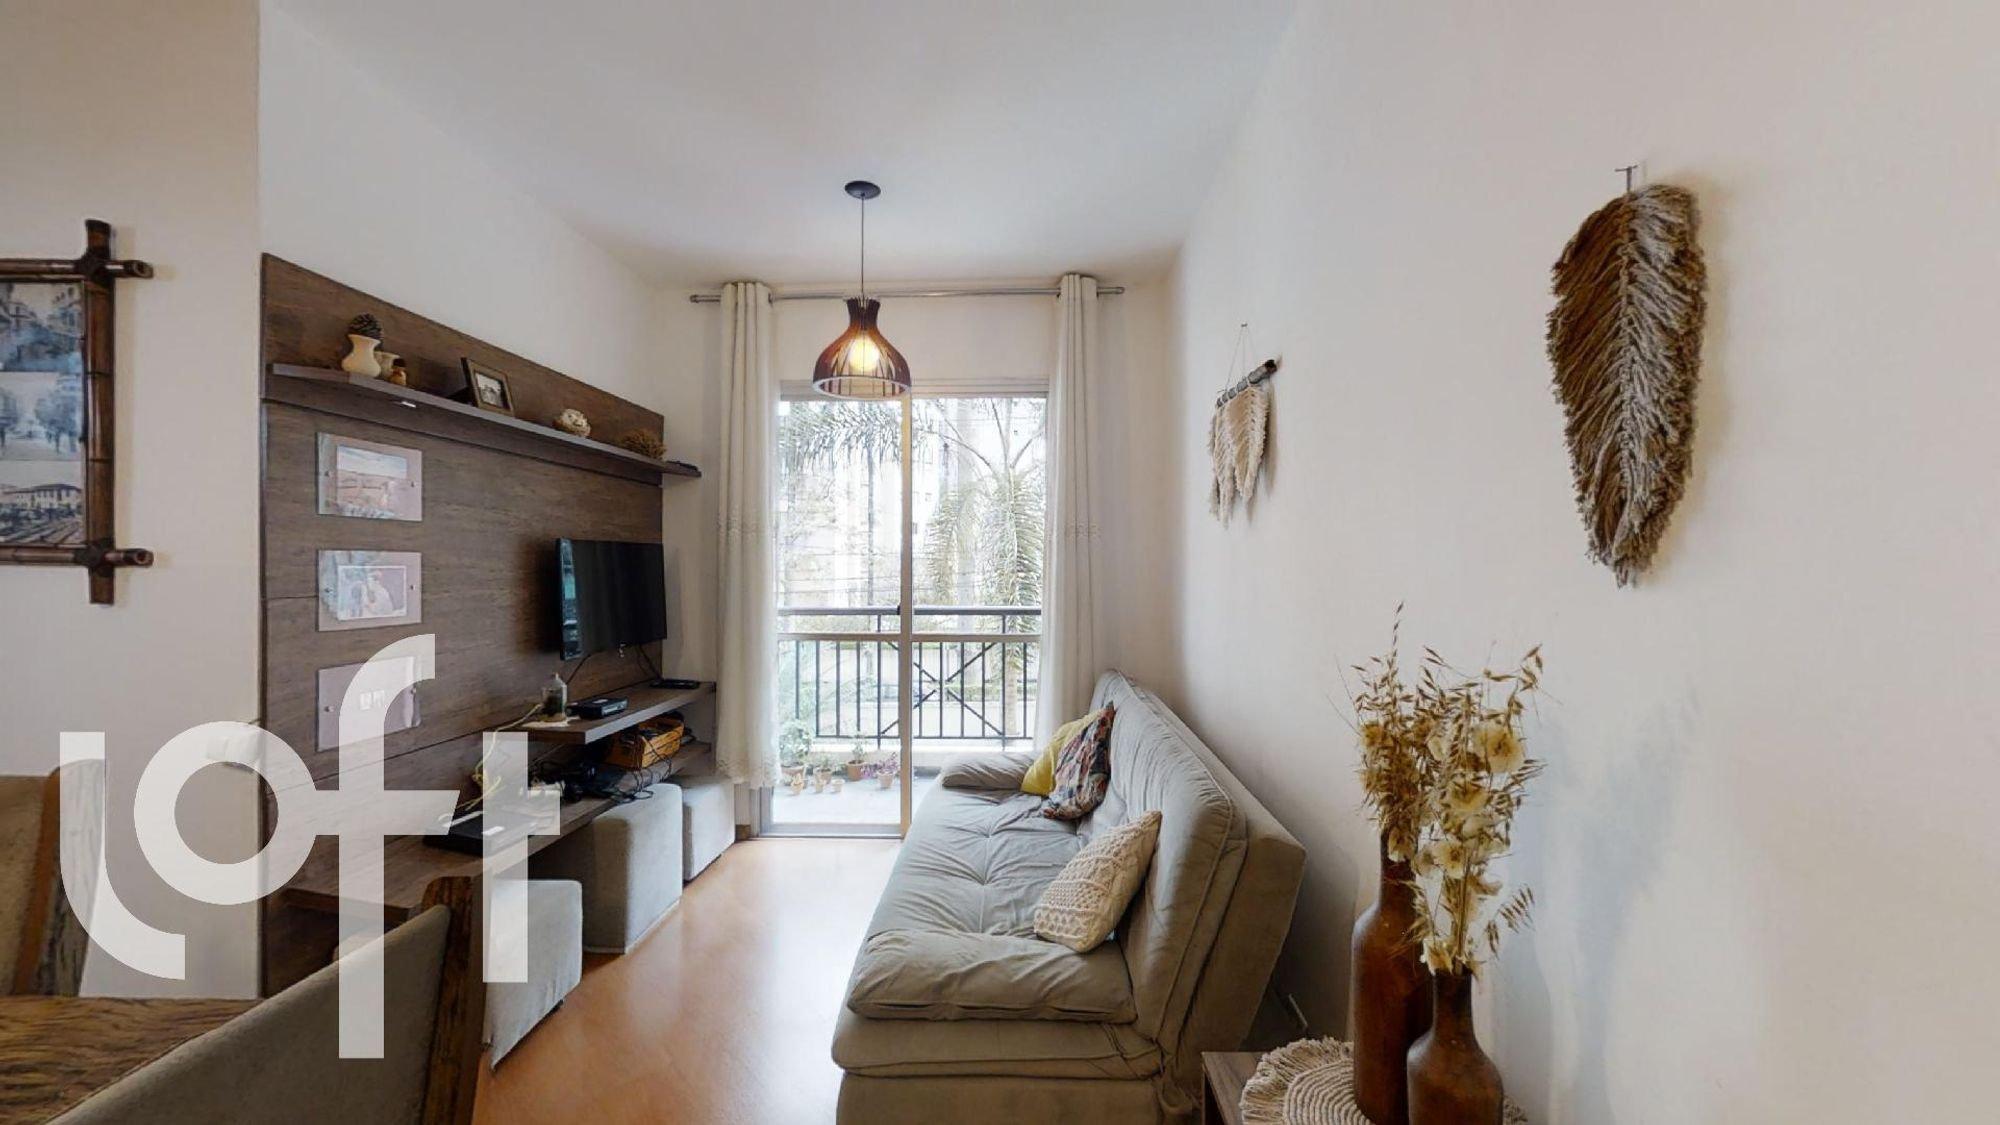 Foto de Sala com sofá, televisão, vaso